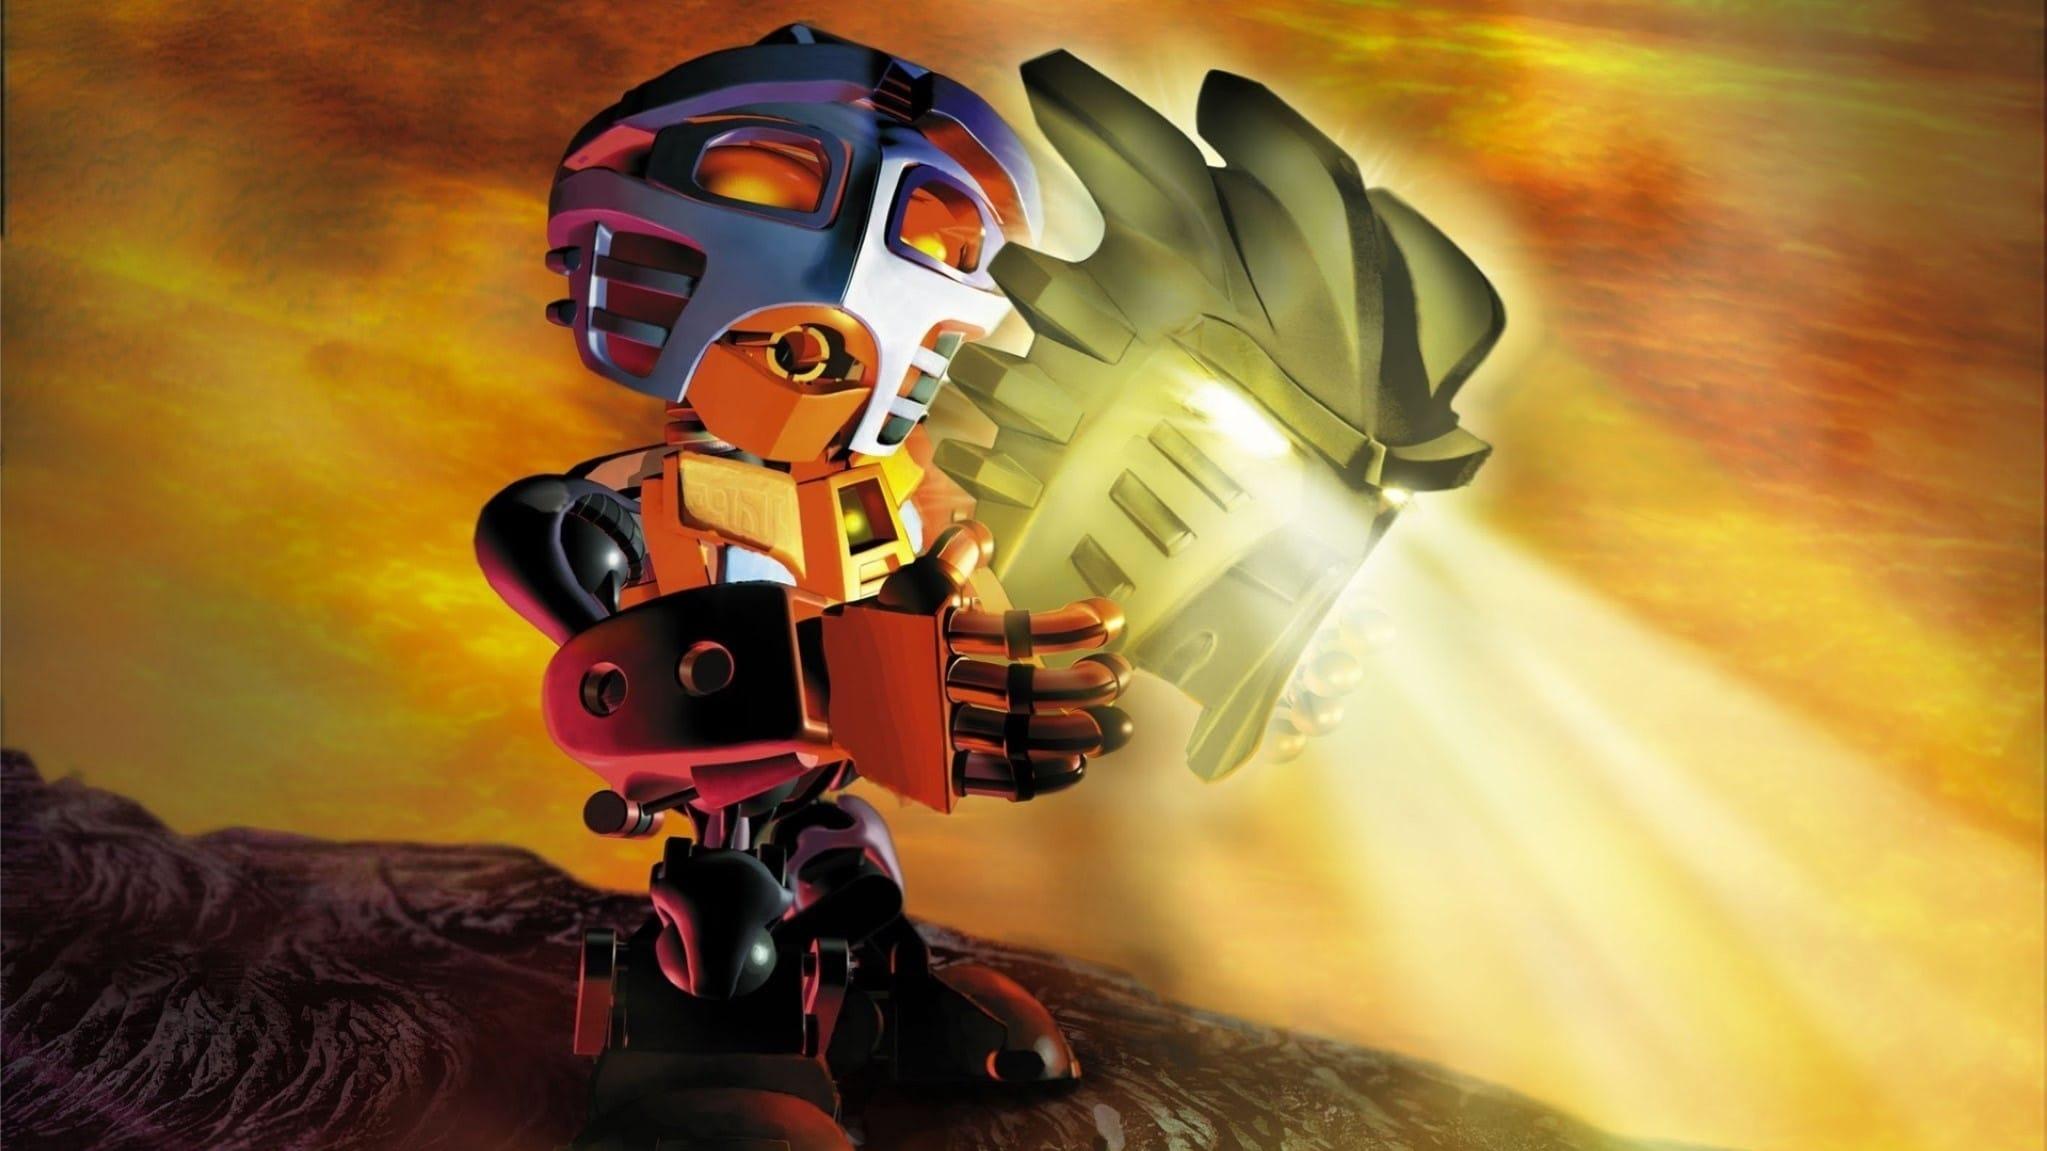 Bionicle - Le masque de lumière (2003)